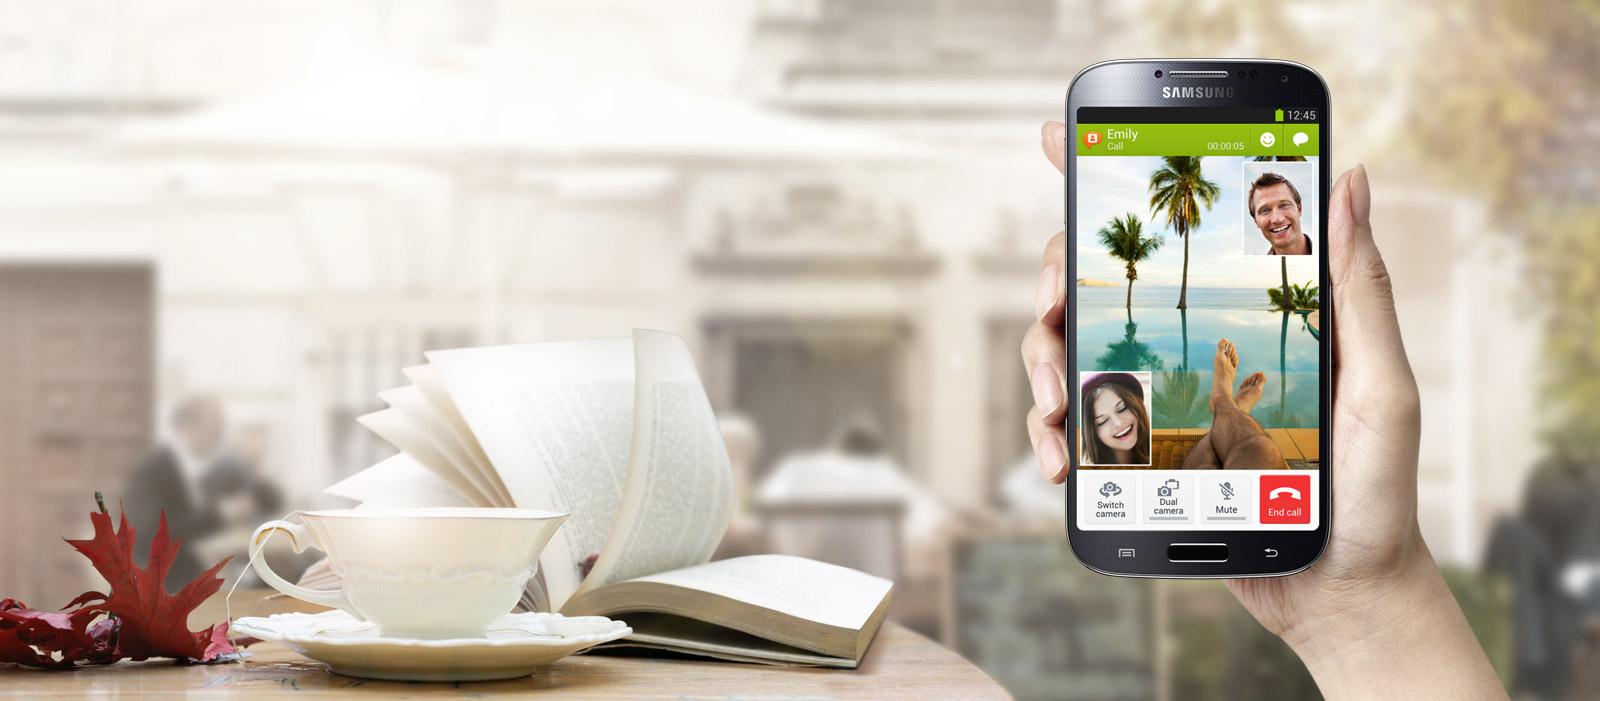 Novità Apps| ChatON diventa ancora più globale sul Galaxy S IV!